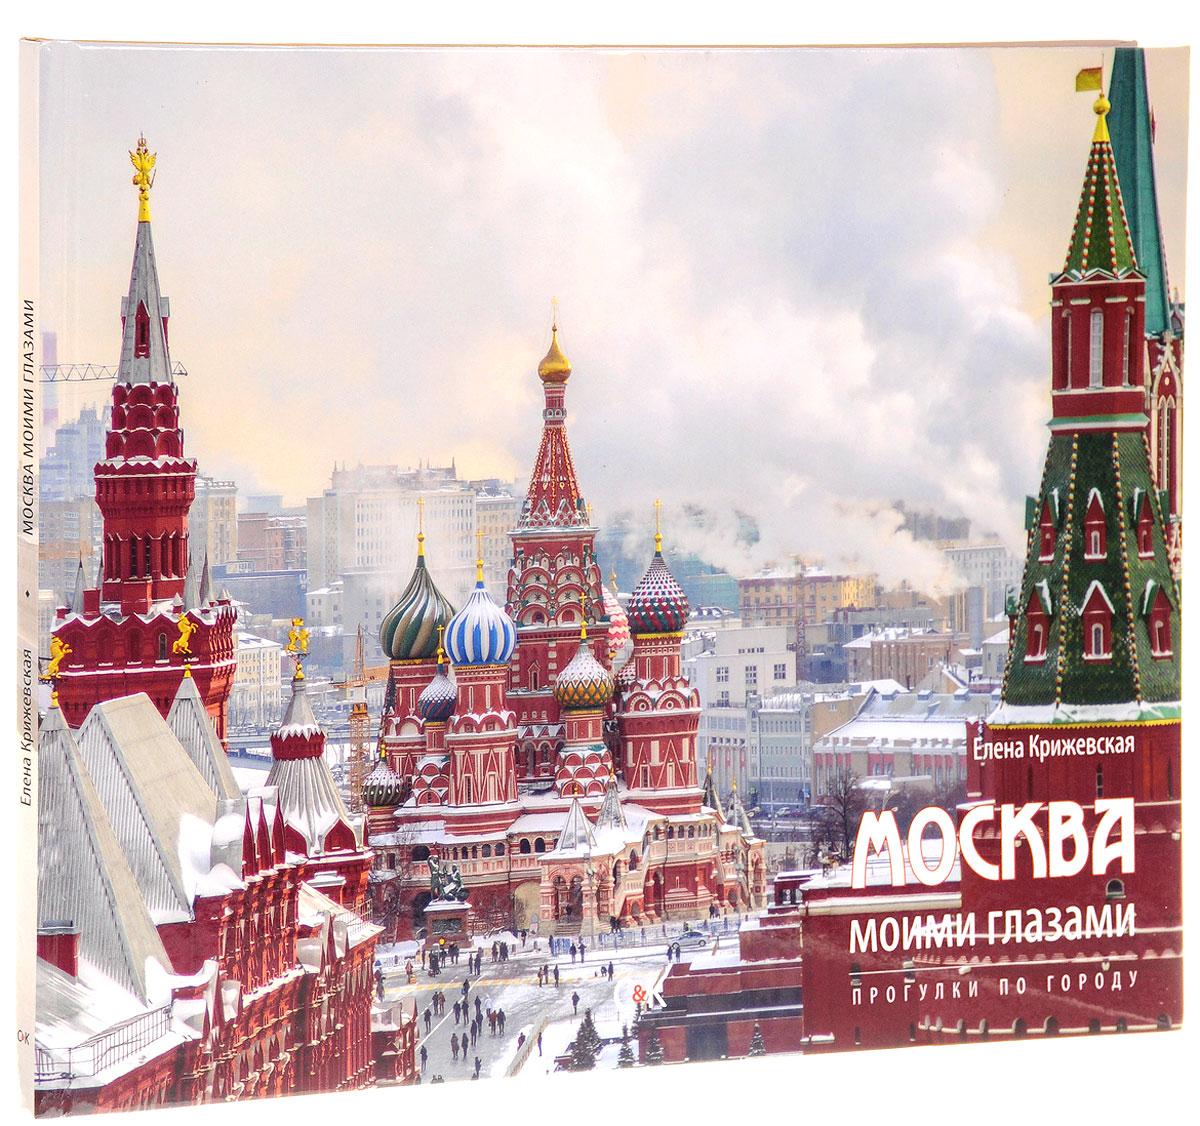 Москва моими глазами. Прогулки по городу. Елена Крижевская